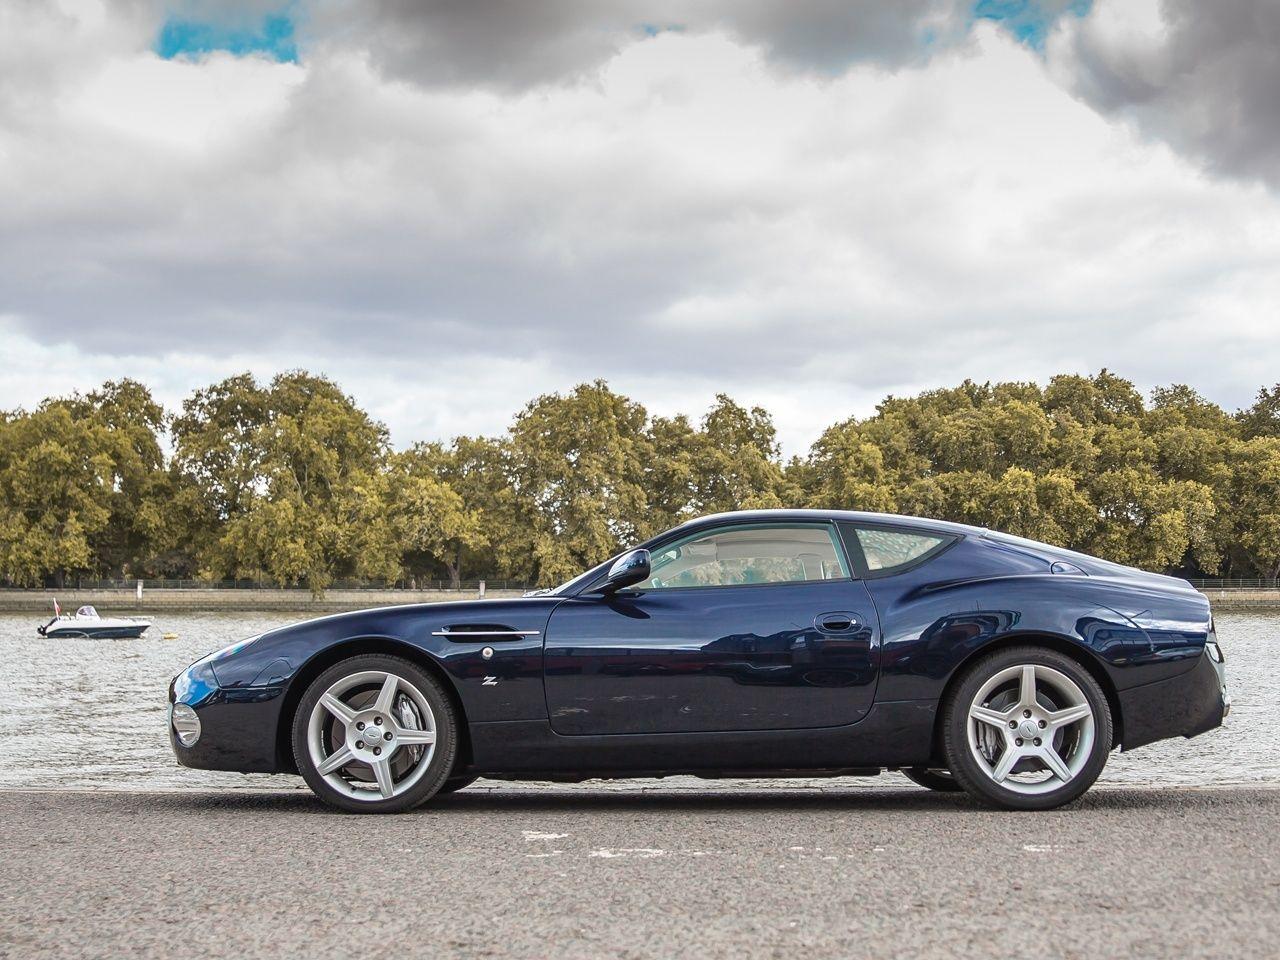 2004 Aston Martin Db7 Zagato 61 Of 99 Classic Driver Market Aston Martin For Sale Aston Martin Aston Martin Cars